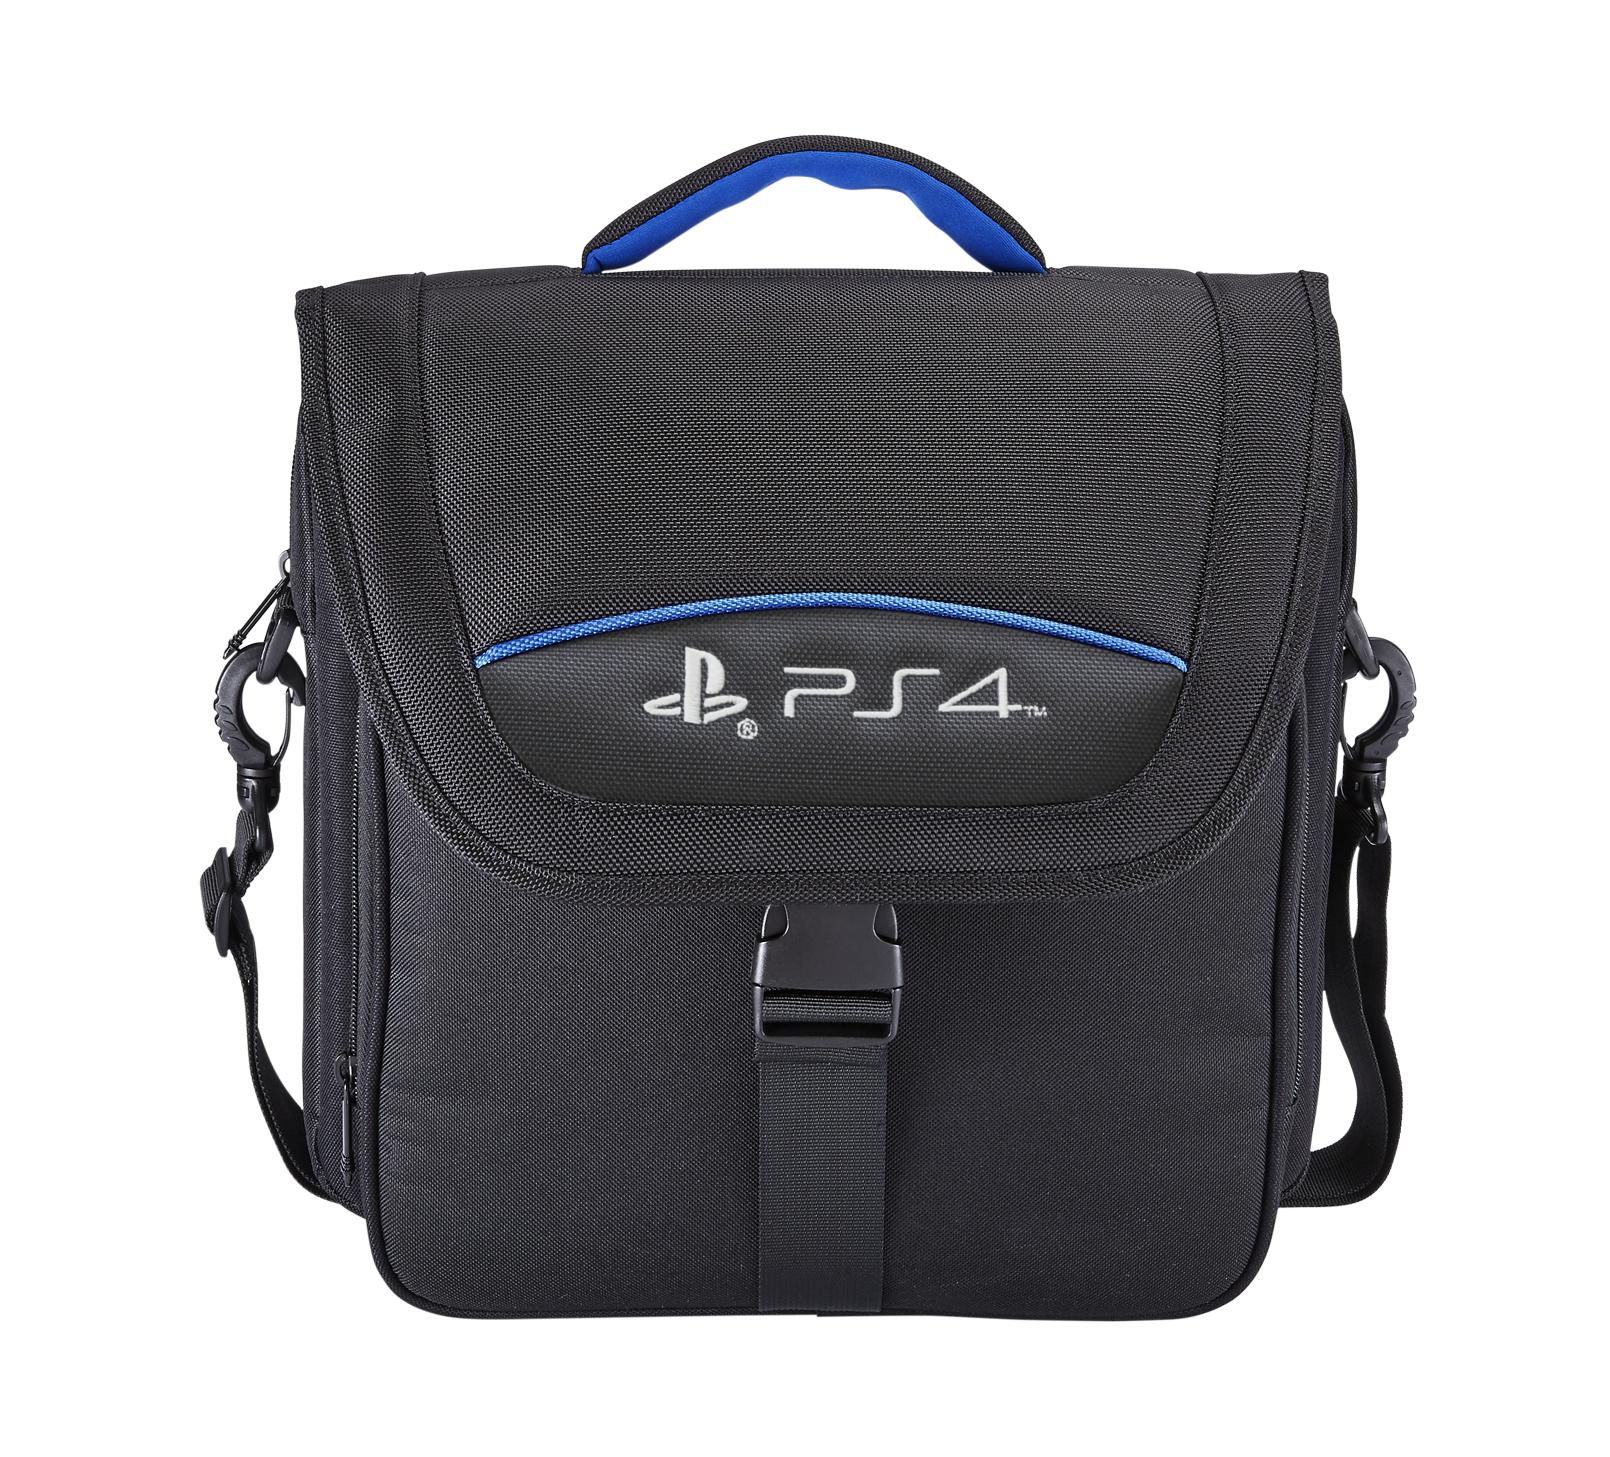 BORSA DI TRASPORTO E PROTEZIONE PER PS4 Tipo: Valigetta da trasporto PlayStation 4